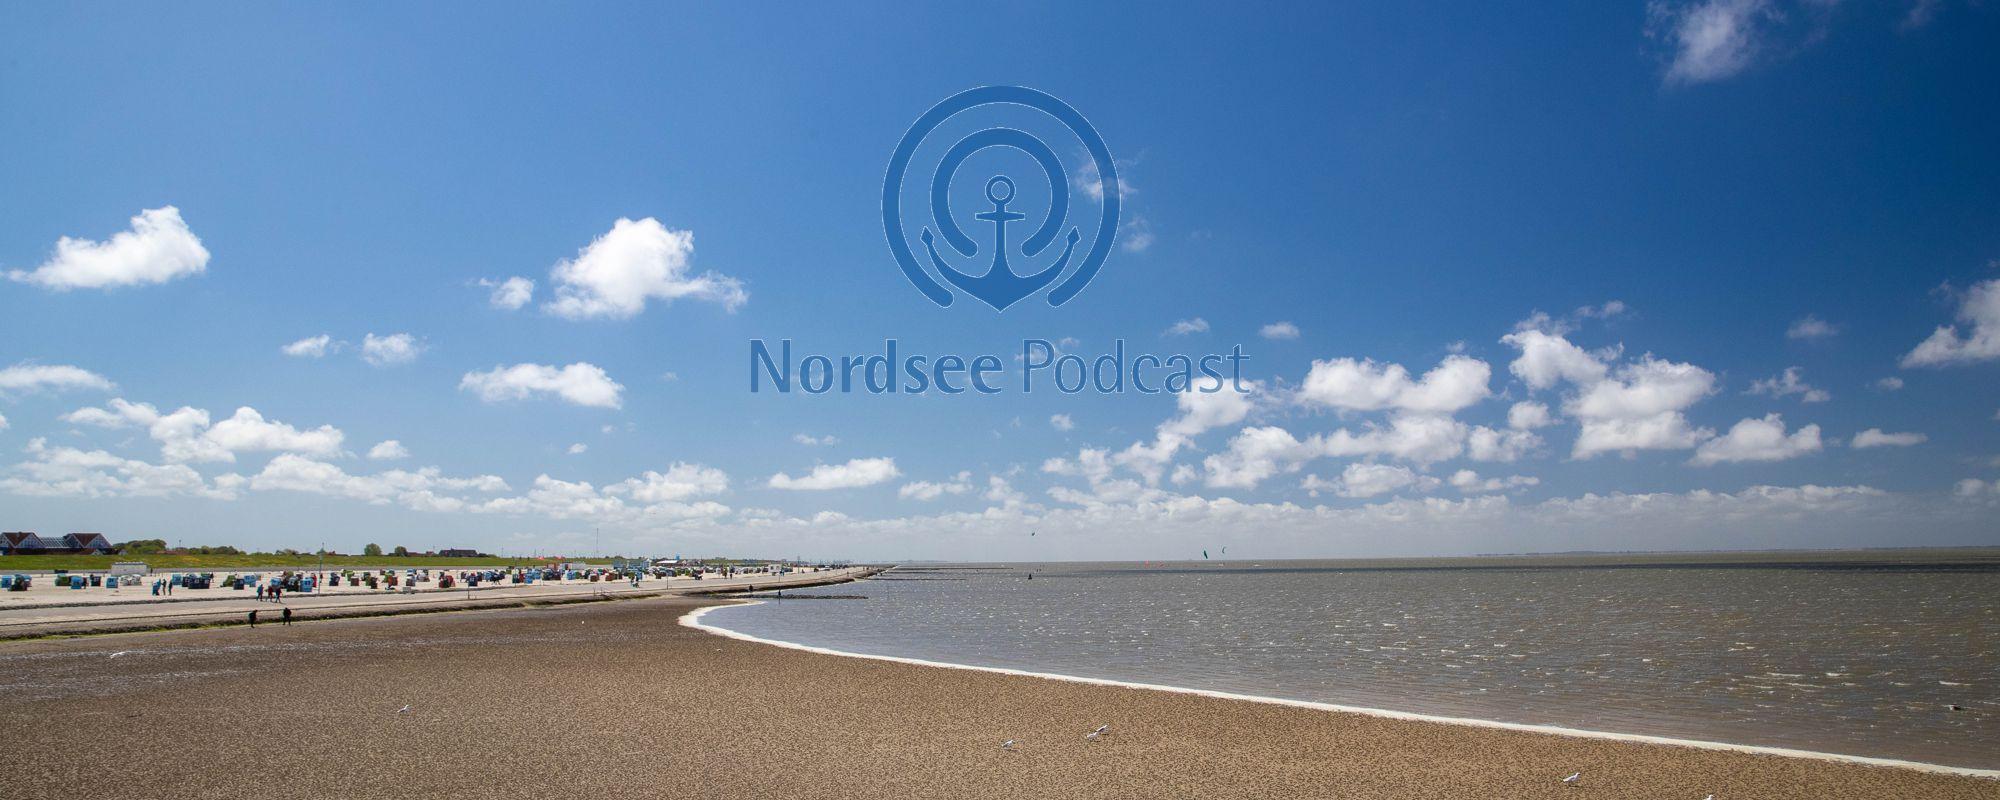 Nordsee Podcast Neuharlingersiel